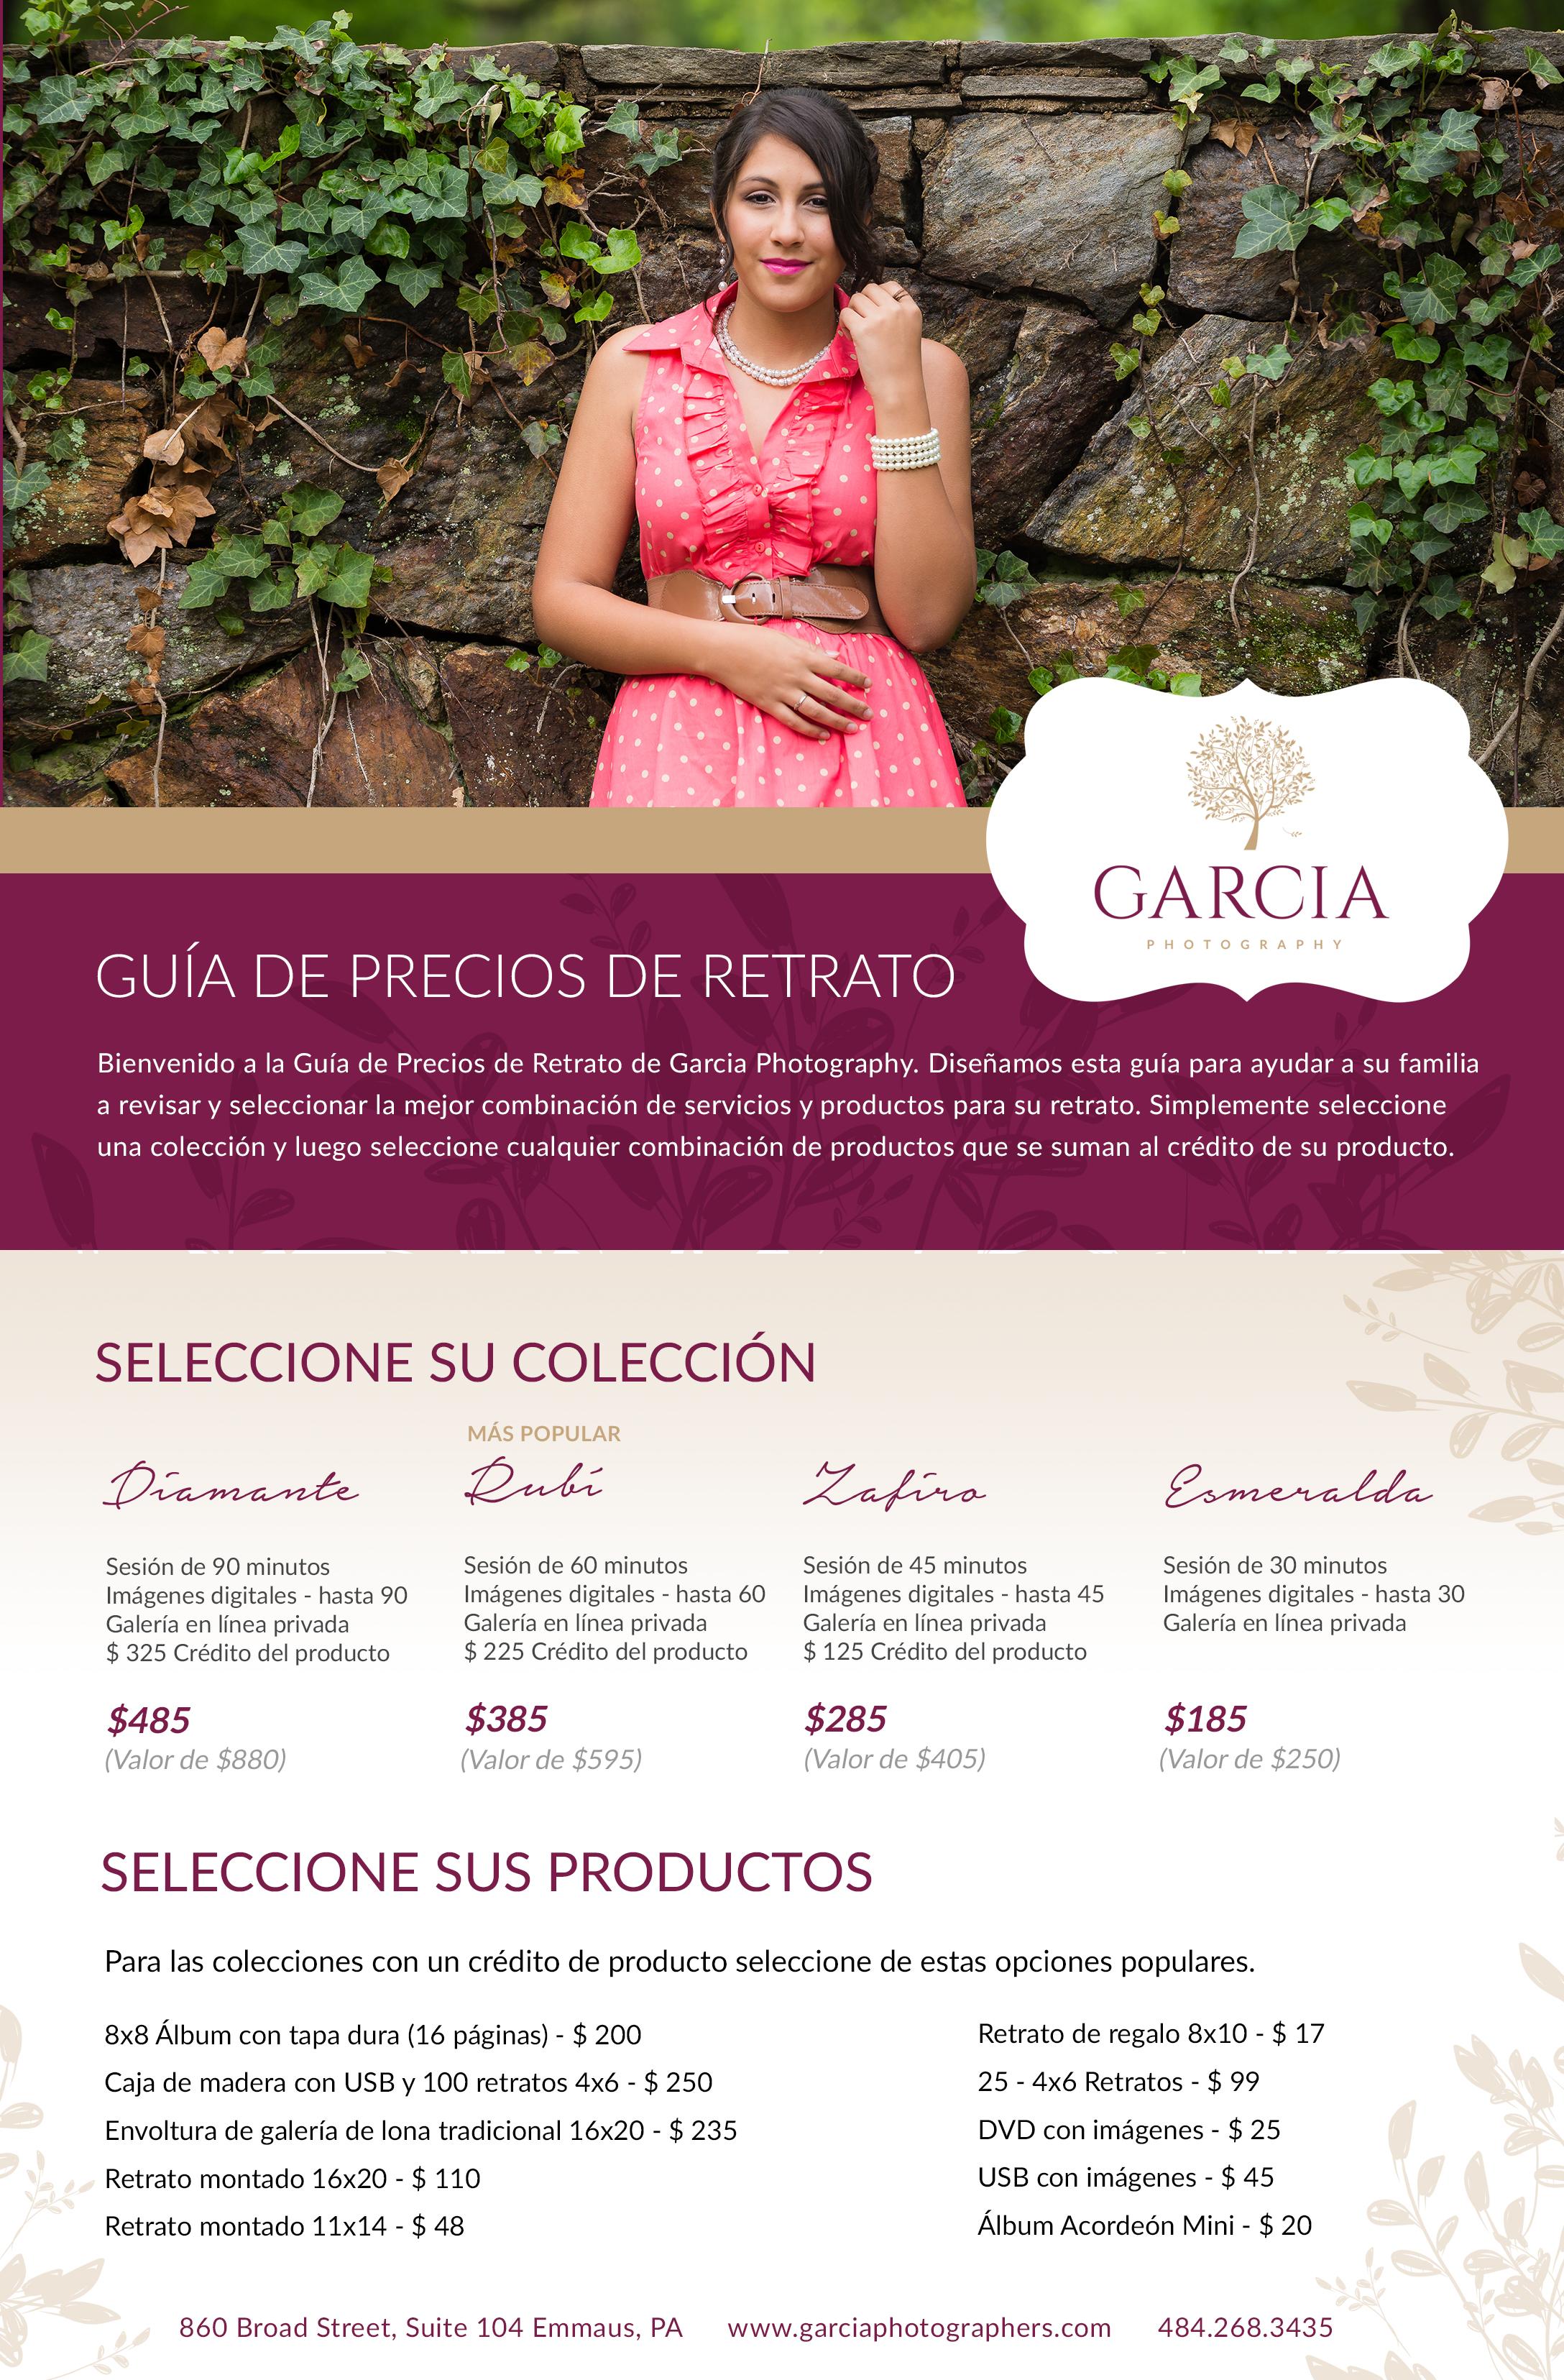 Colecciones de Retratos por Garcia